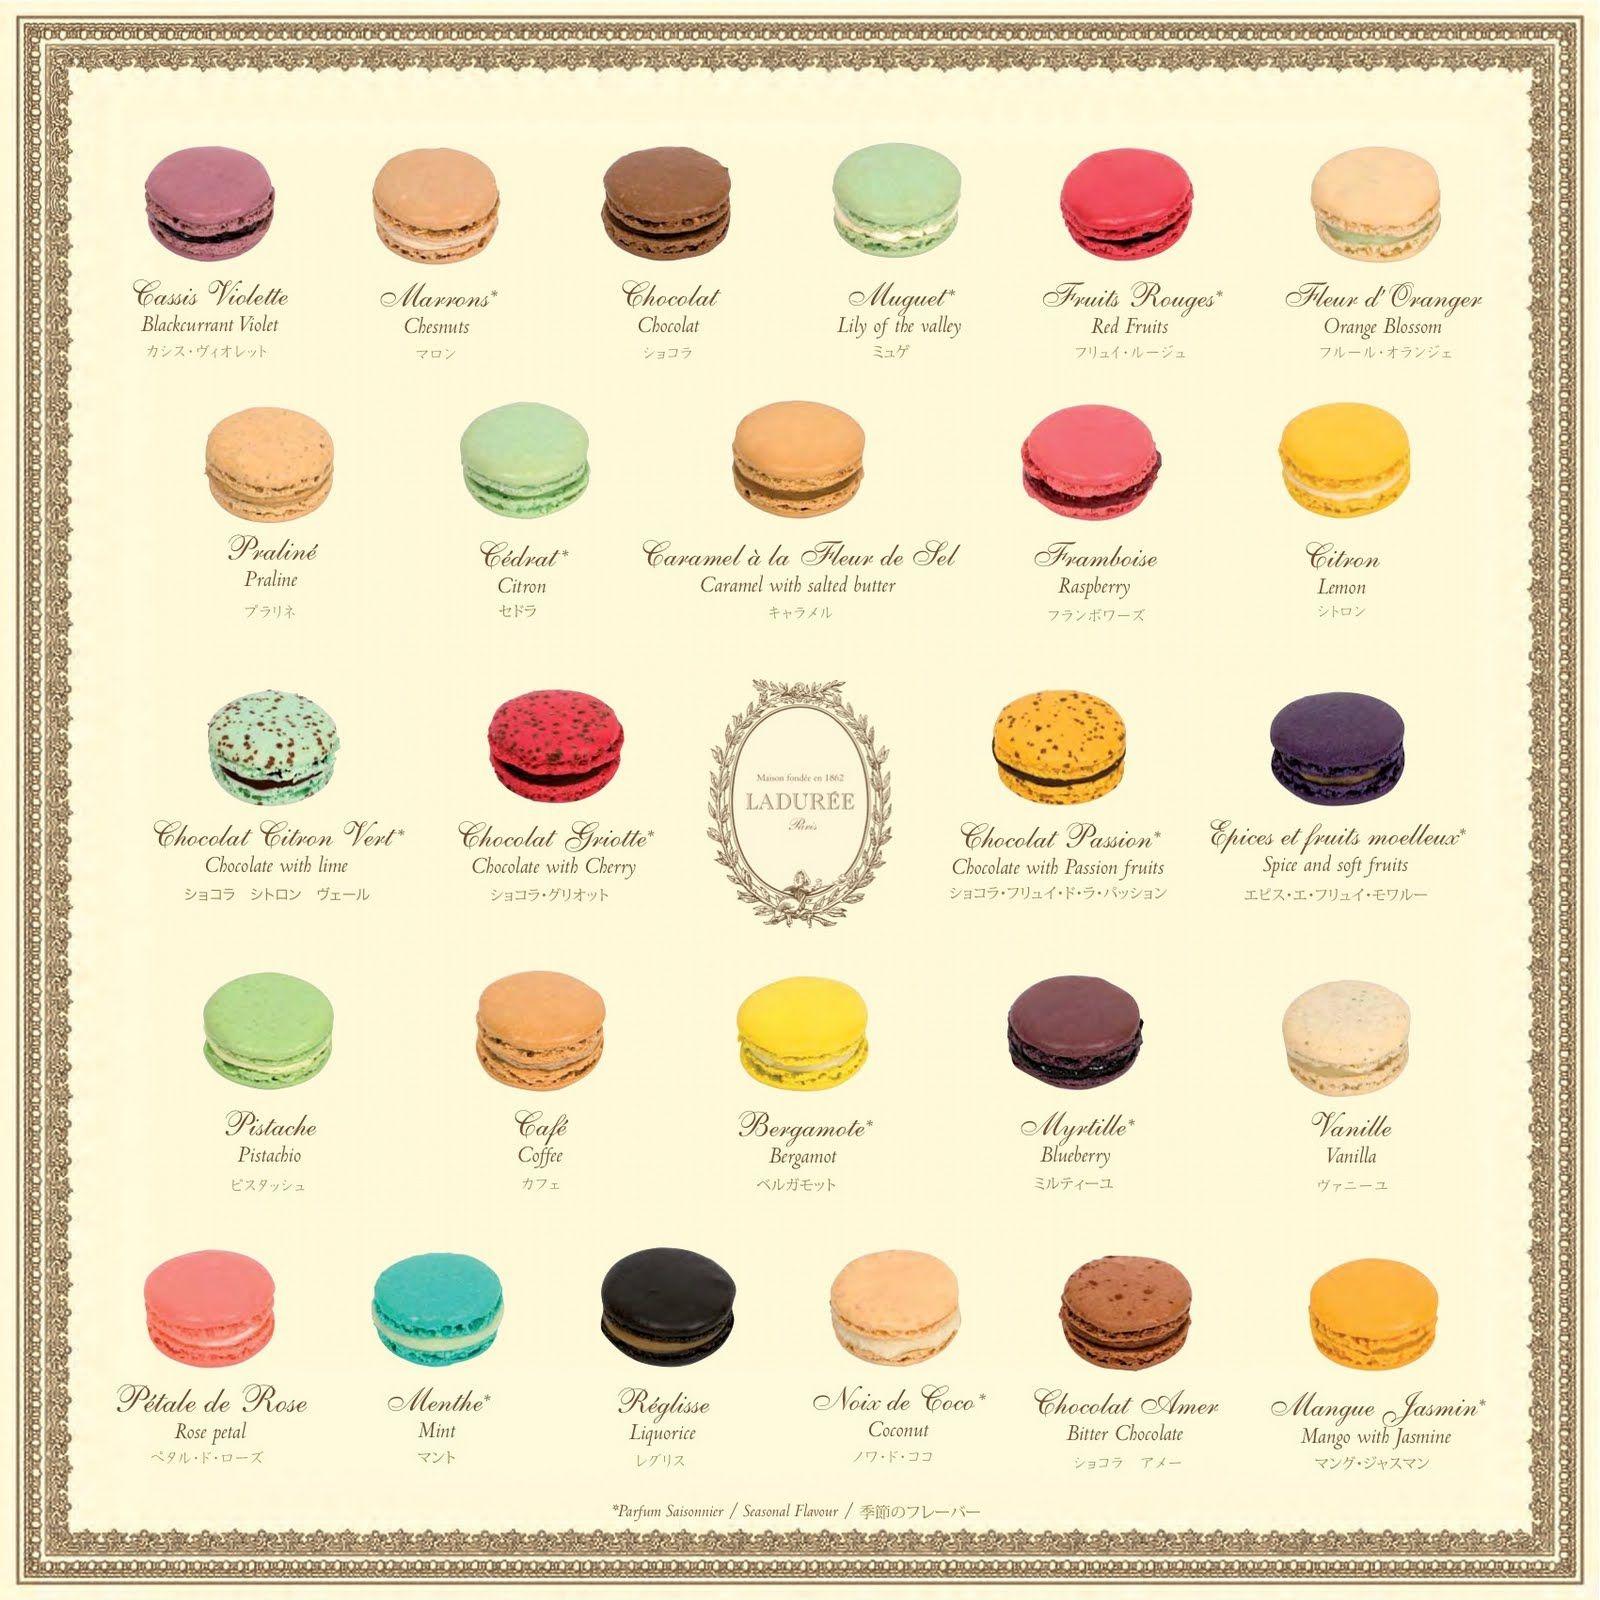 la duree - selection of macarons